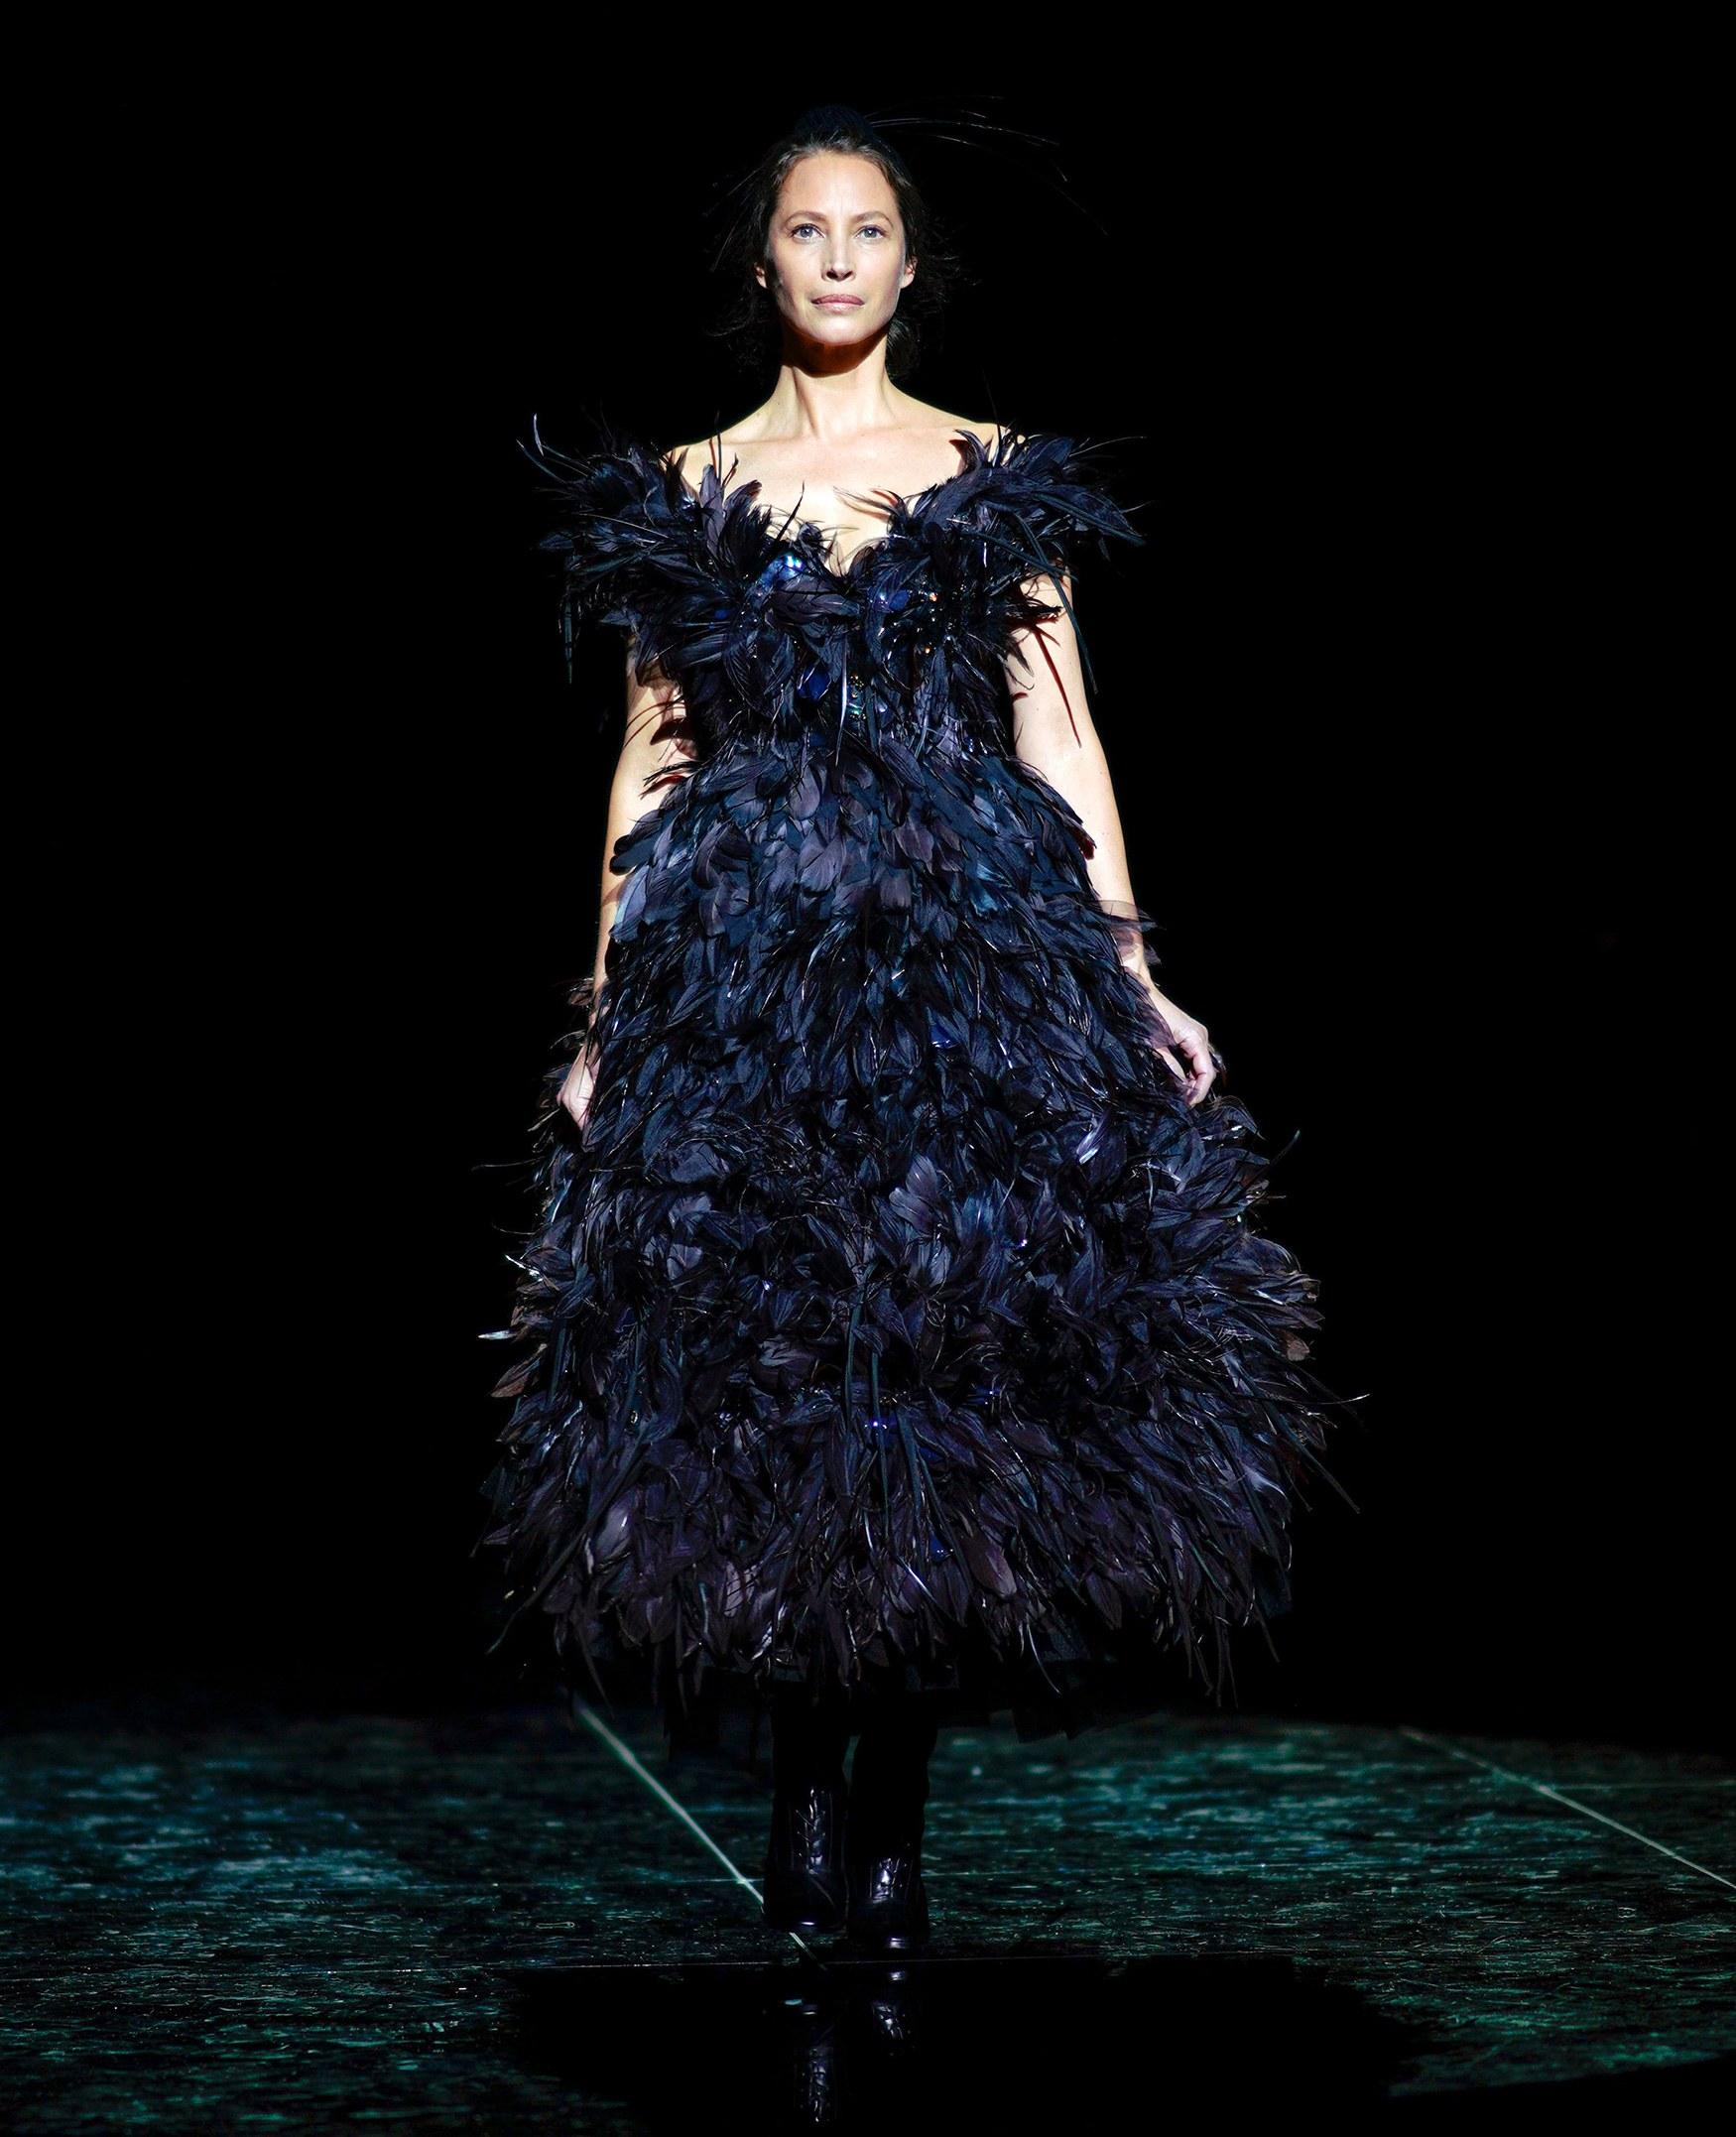 xu hướng người mẫu trung niên trong ngành thời trang